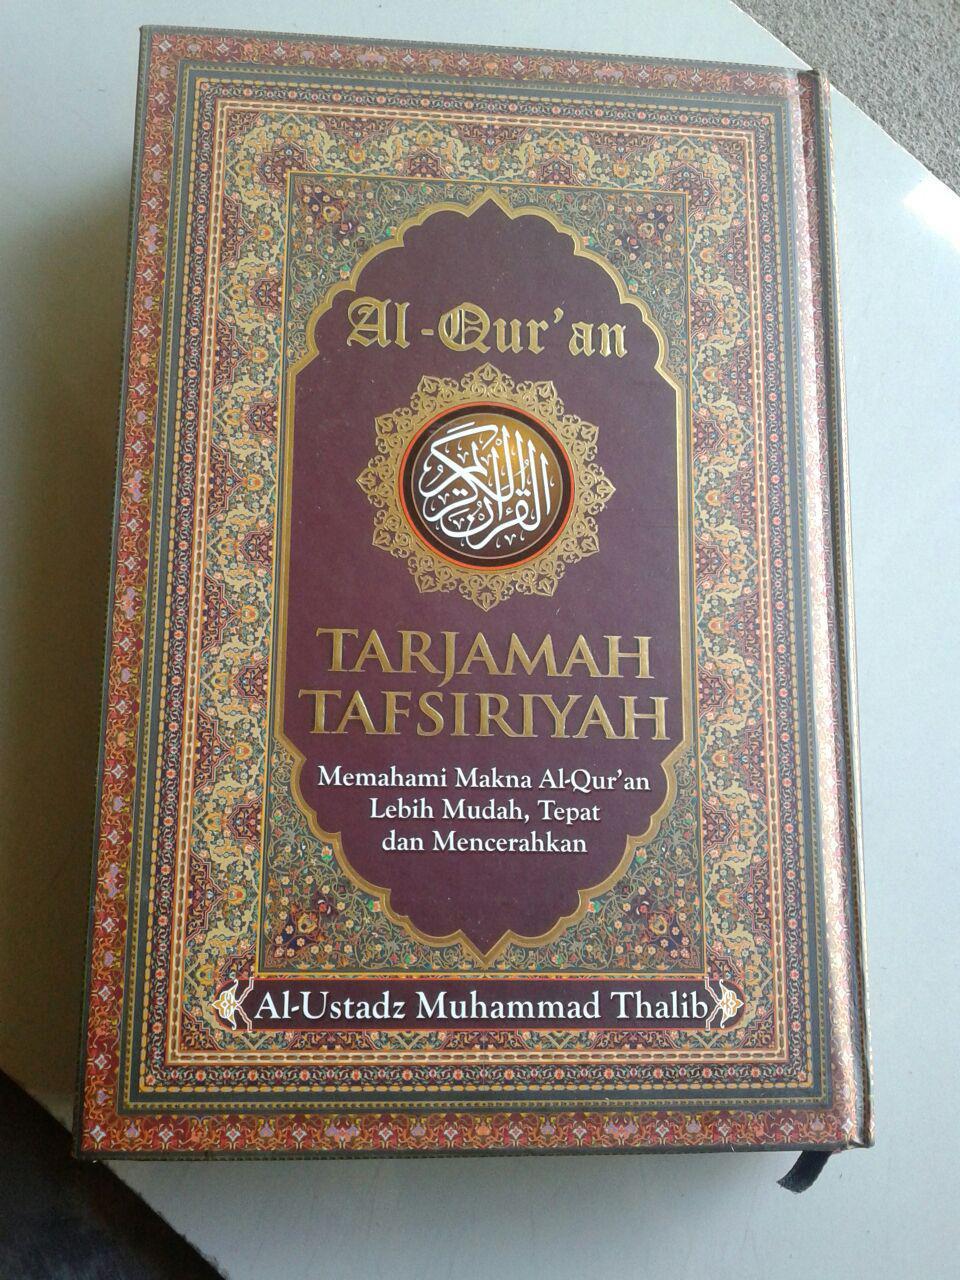 Al-Qur'an Tarjamah Tafsiriyah Memahami Makna Al-Quran cover 2